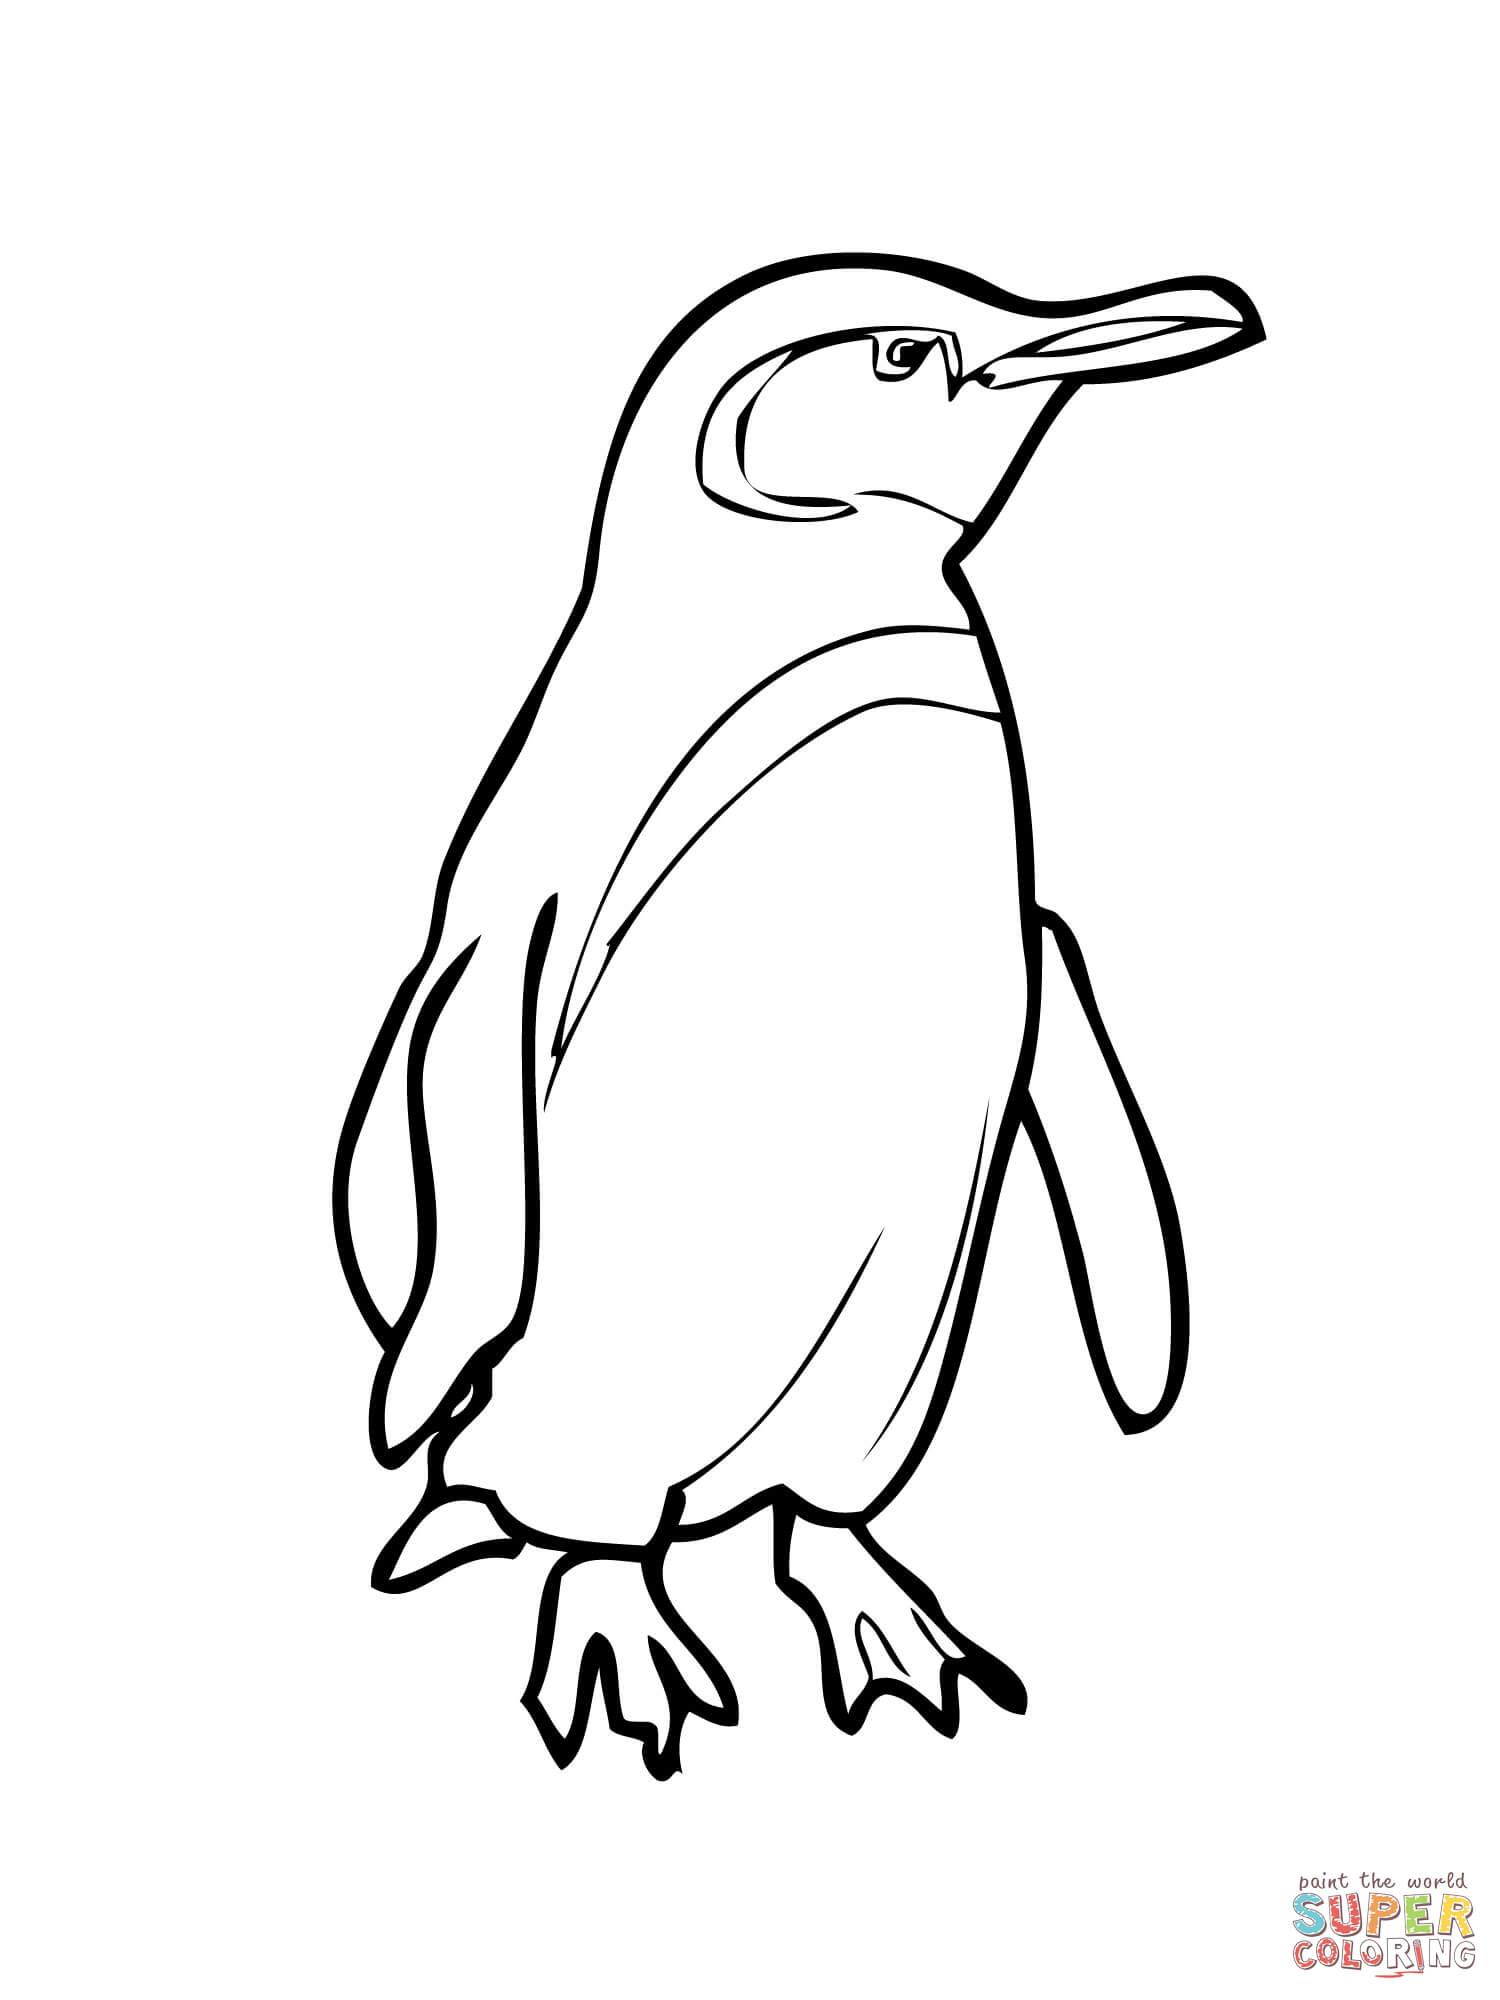 Coloriages à imprimer : Pinguoin, numéro : 1a4b8cd1